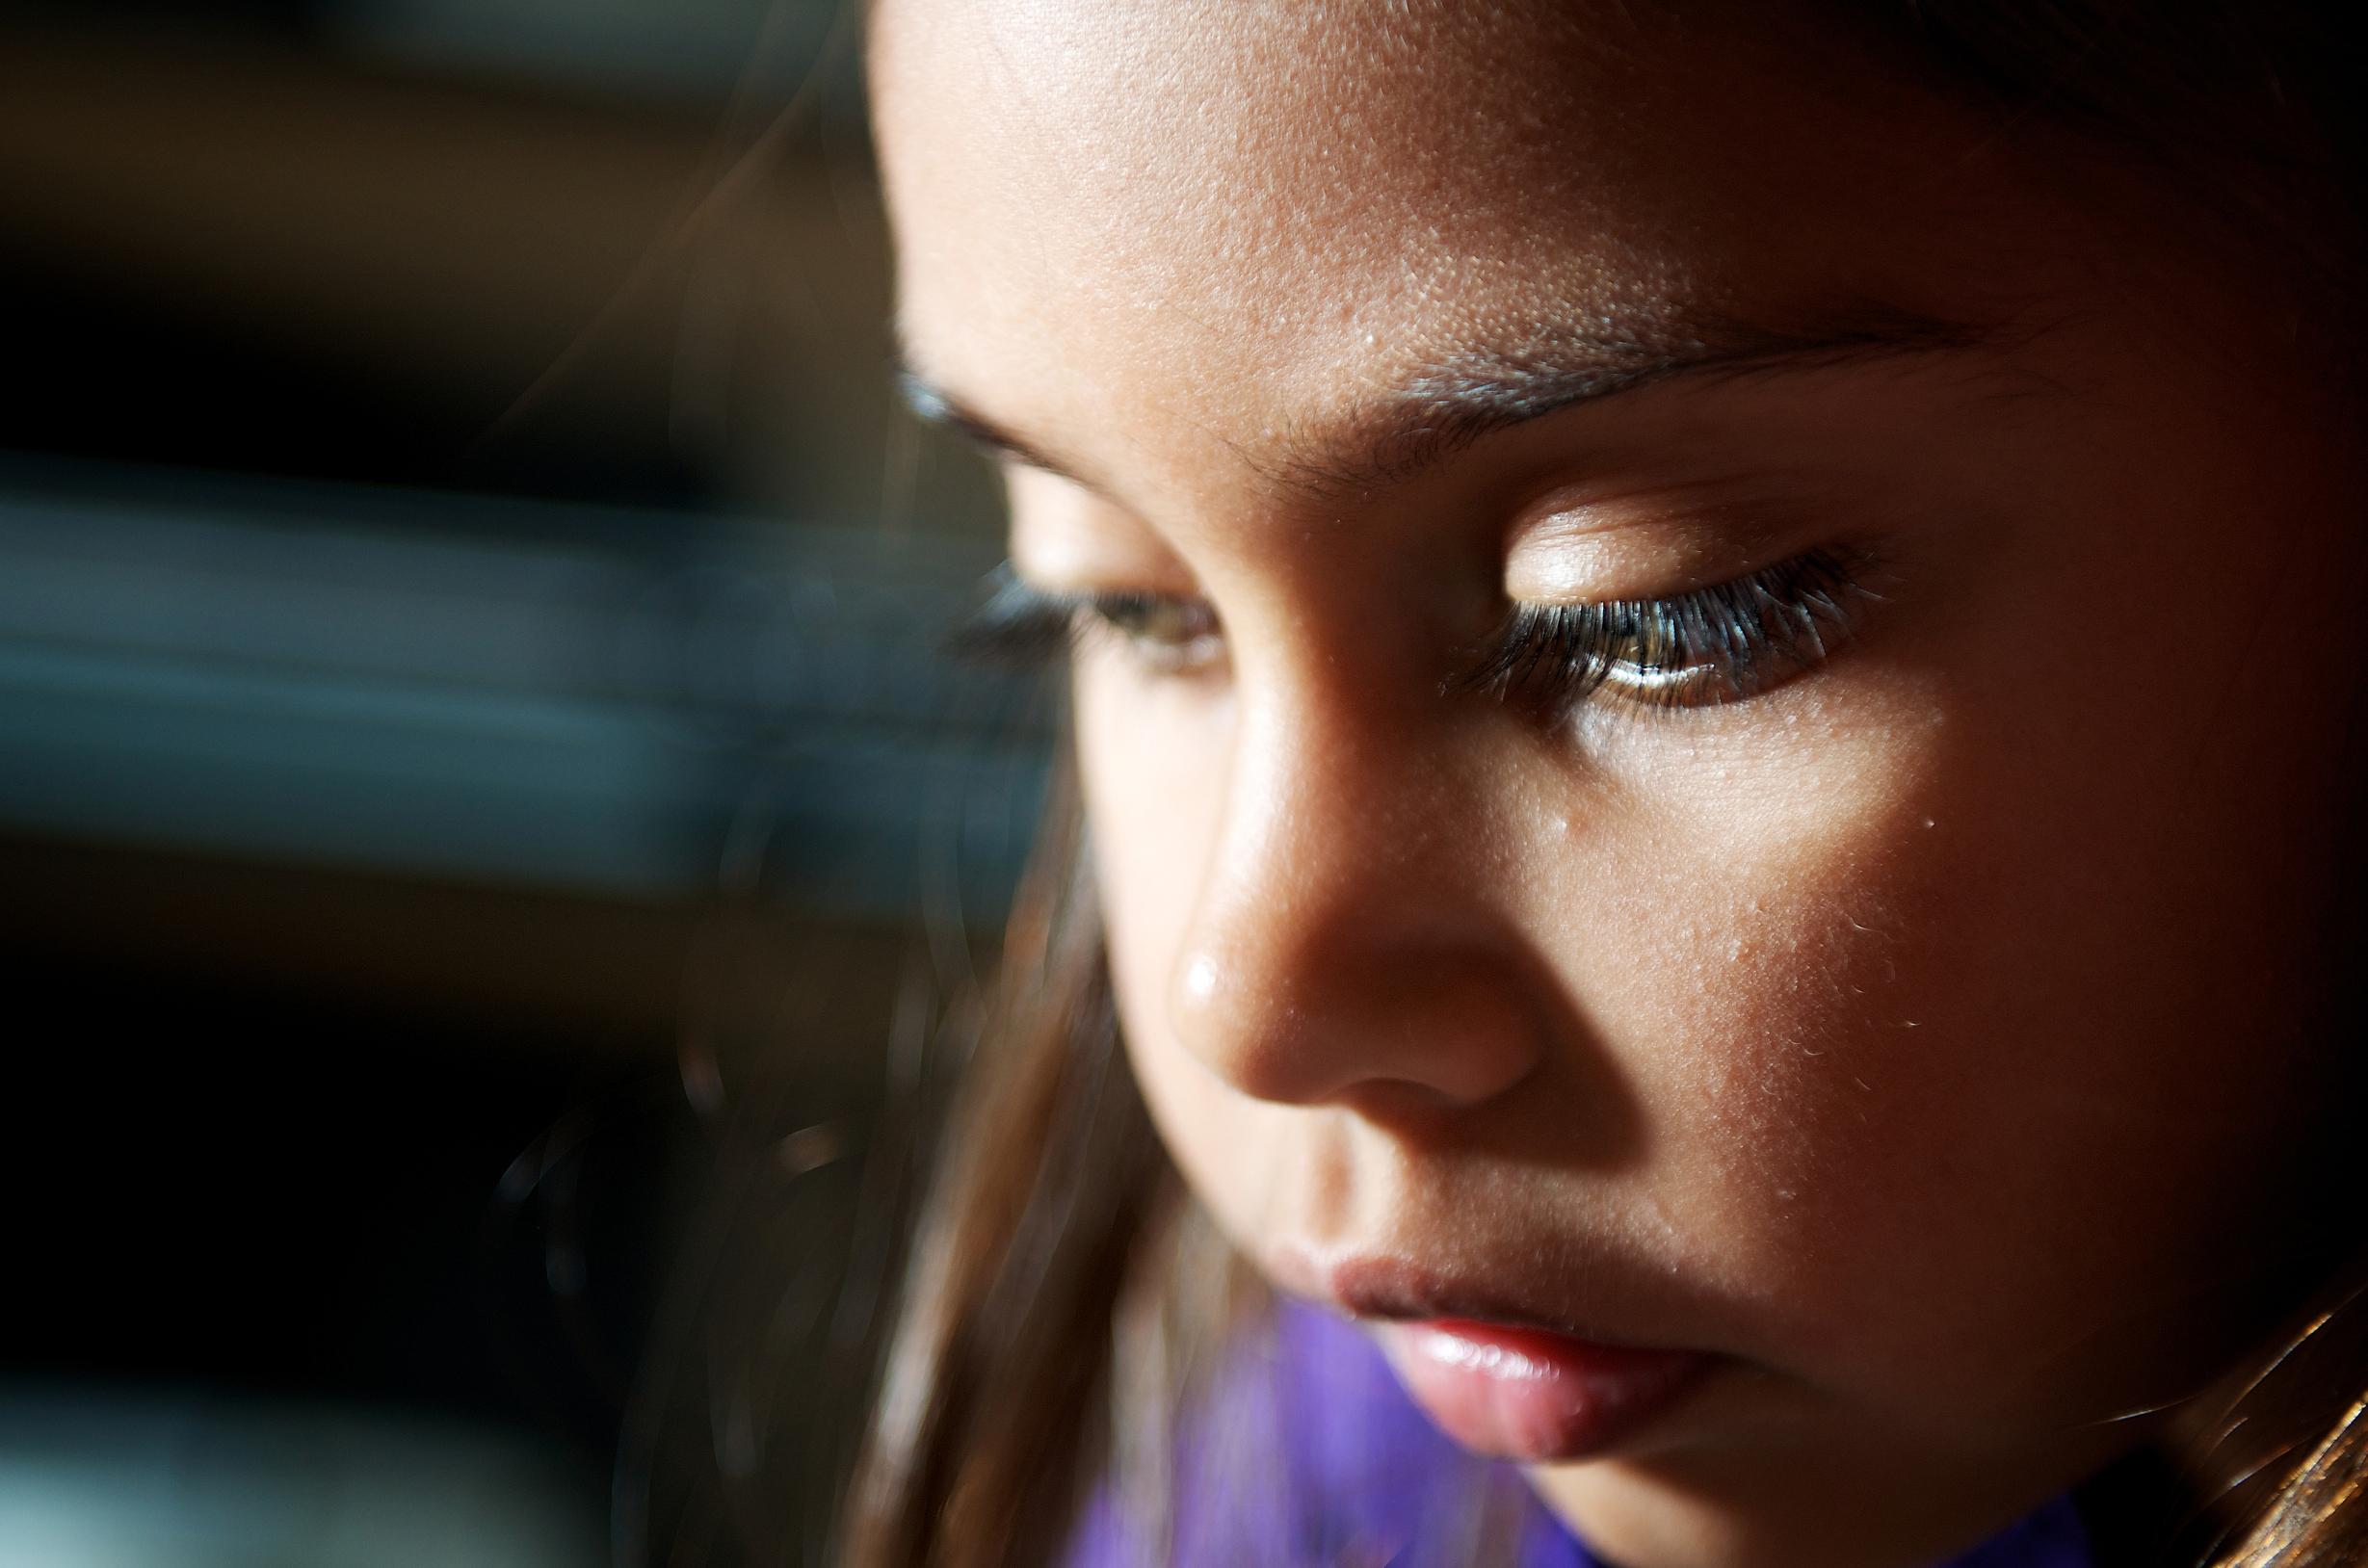 aboriginal child